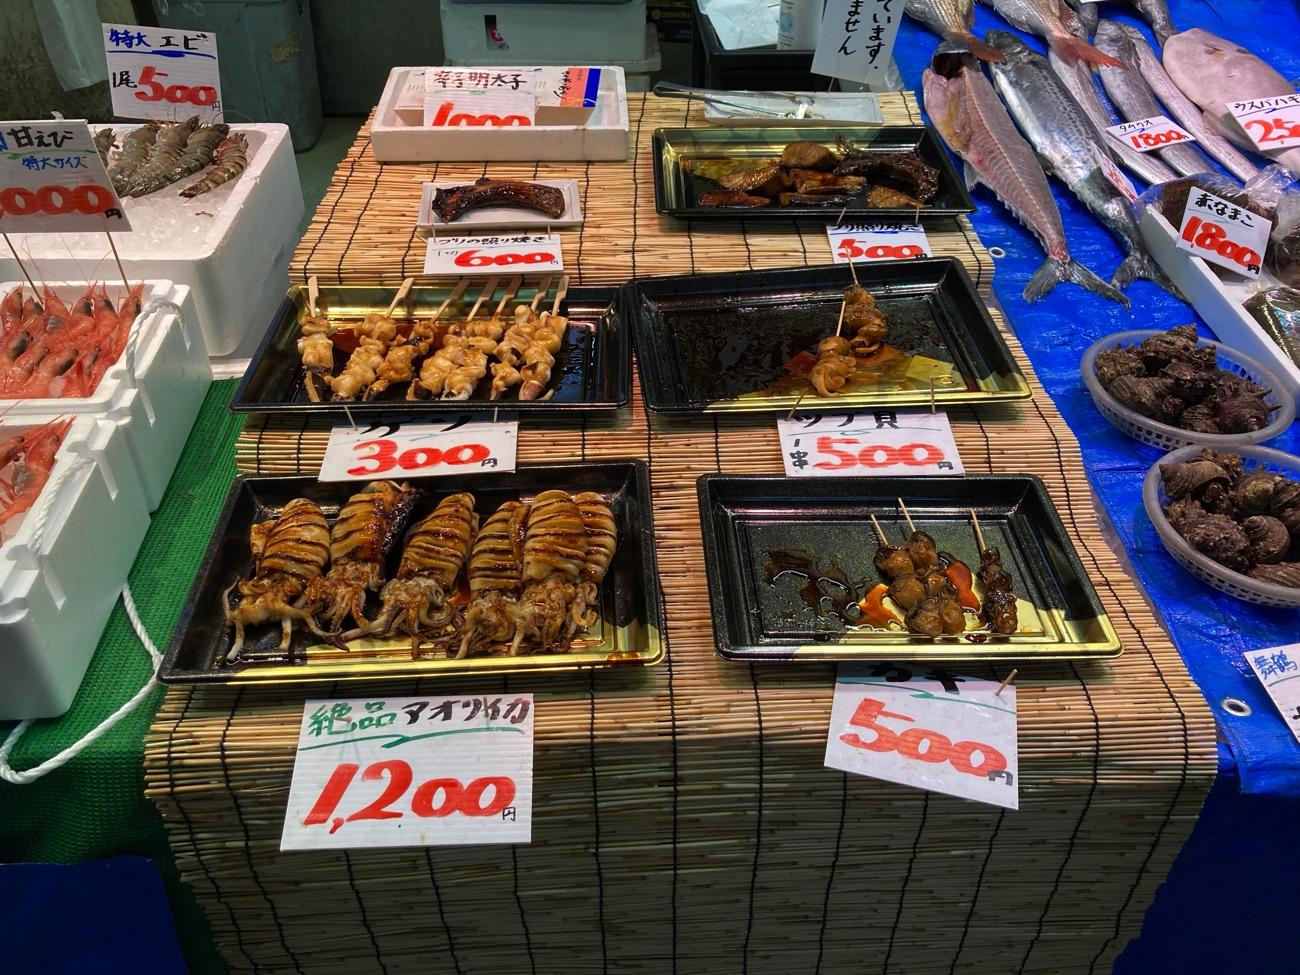 海鮮市場では海鮮焼きの販売も